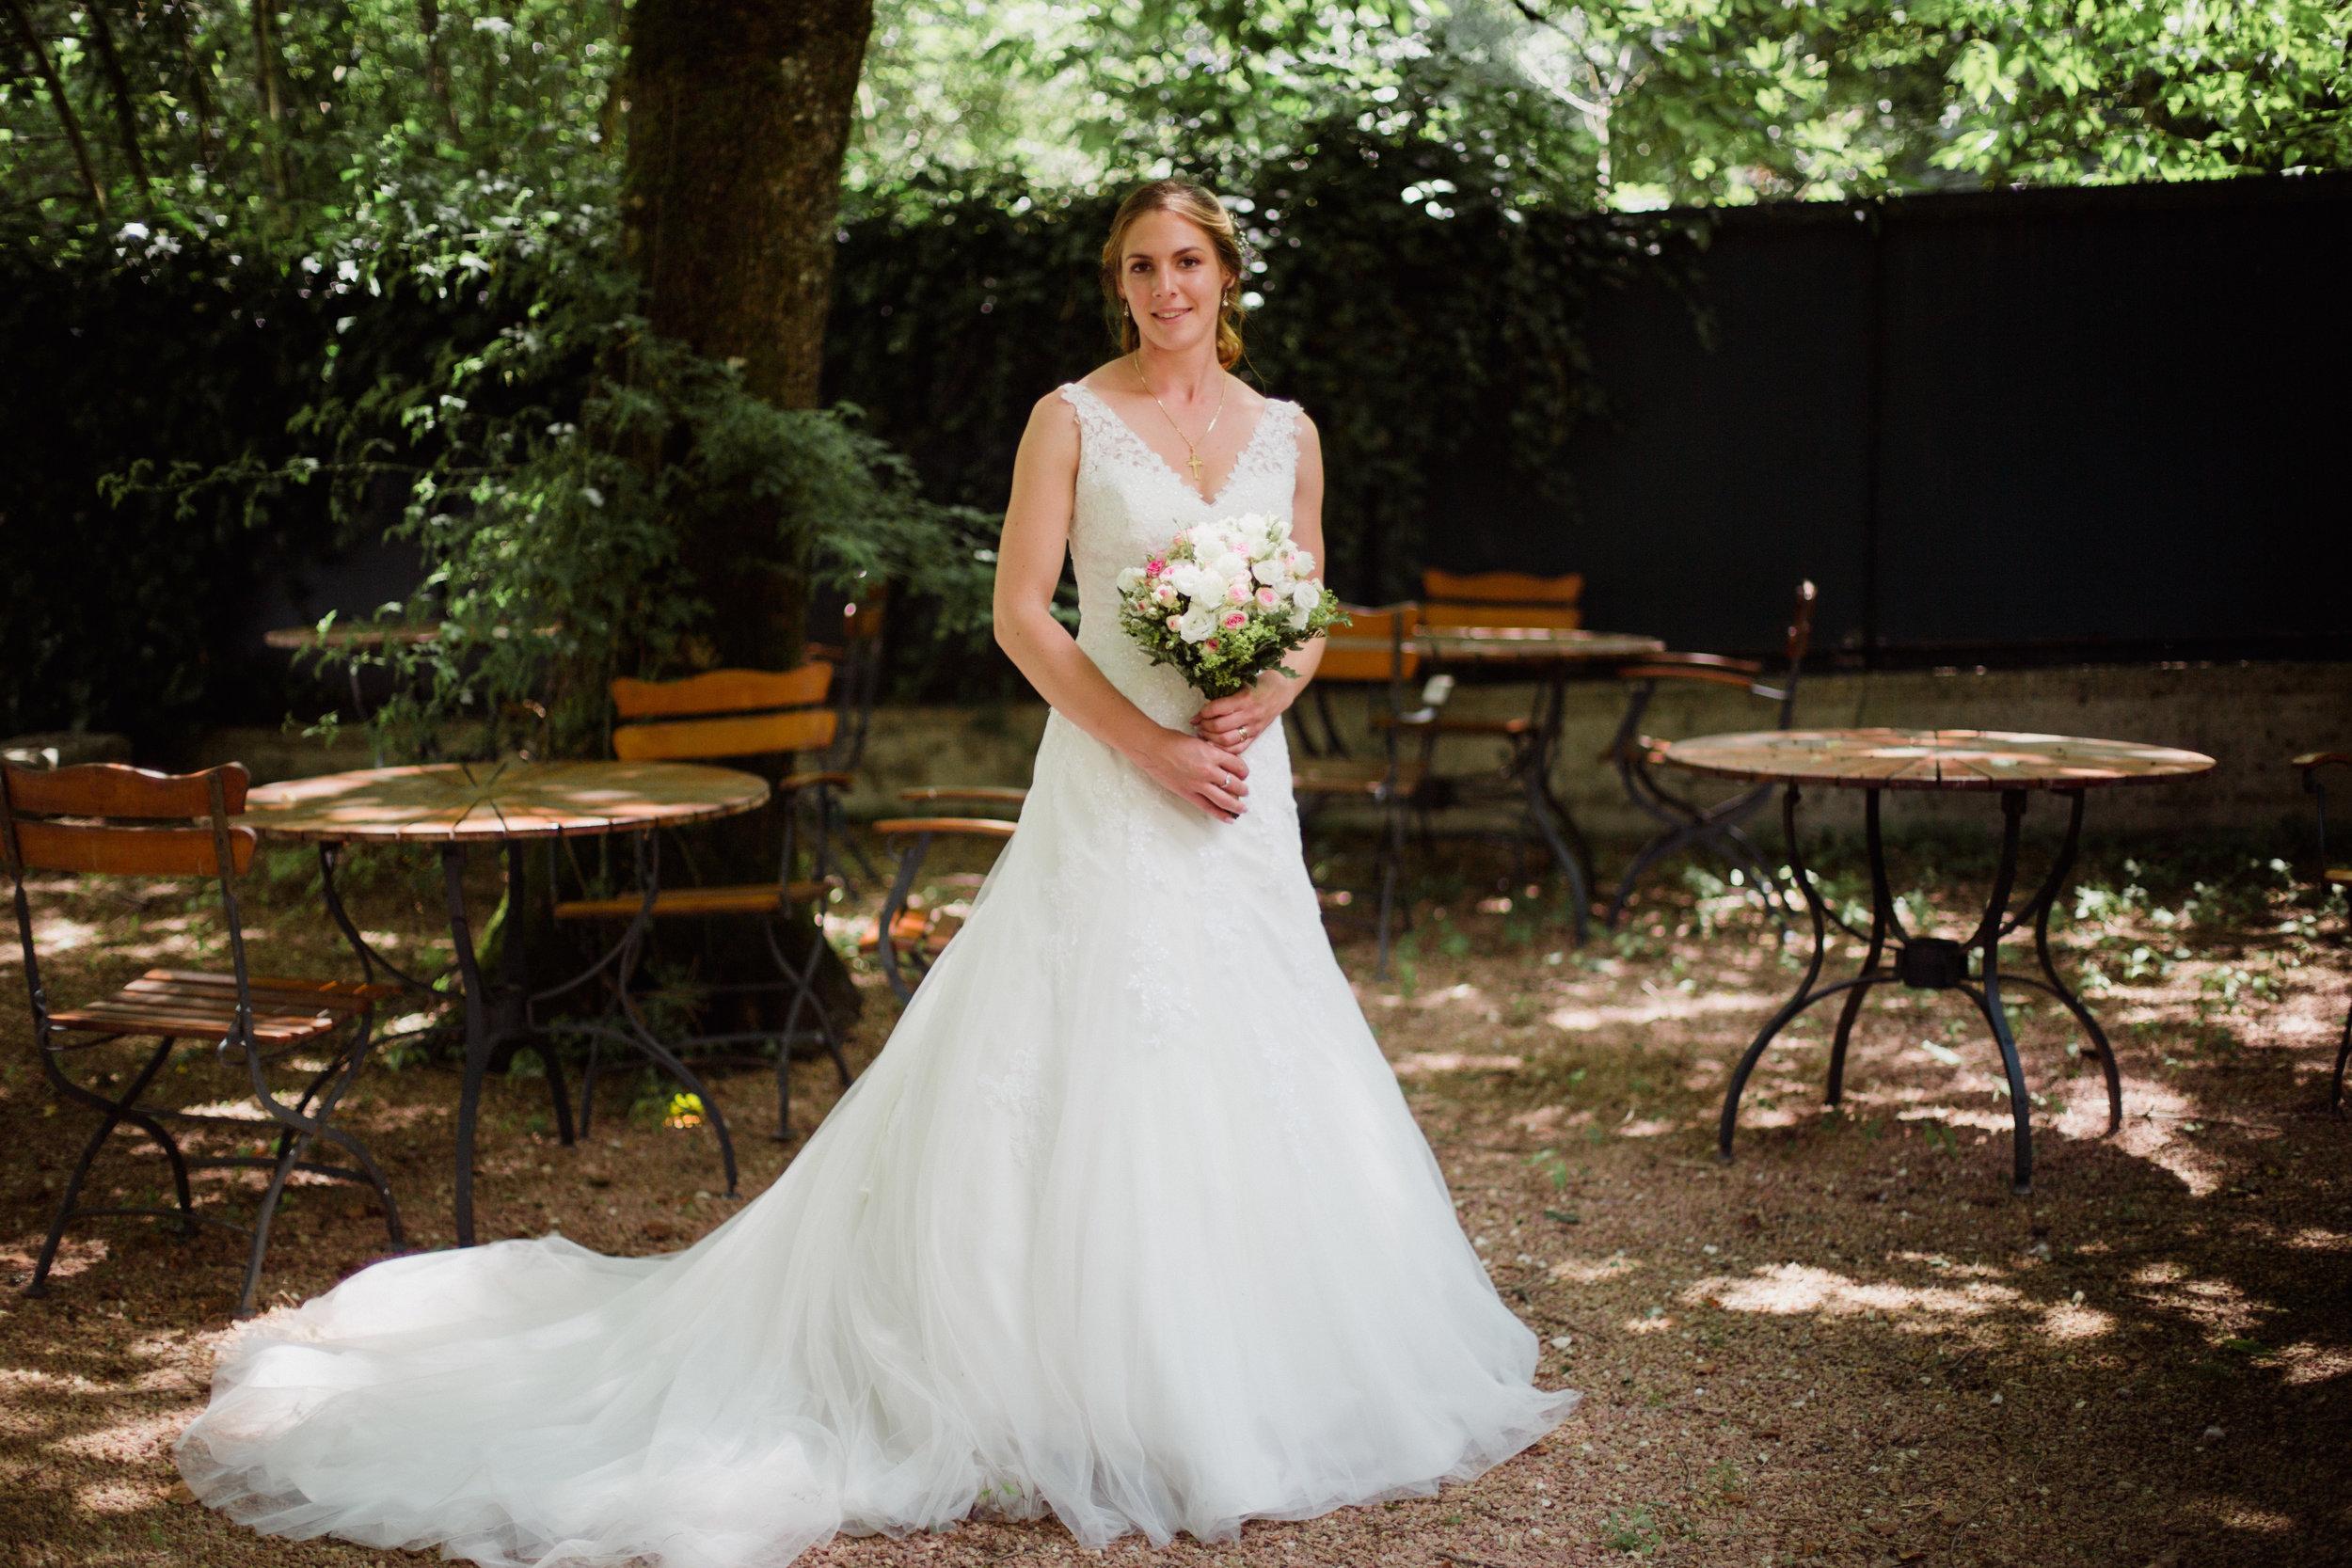 Mariage pas de chignon Dordogne Périgord Restaurant Moulin de l'Abbaye Brantome Photographe Pauline Maroussia P Bordeaux